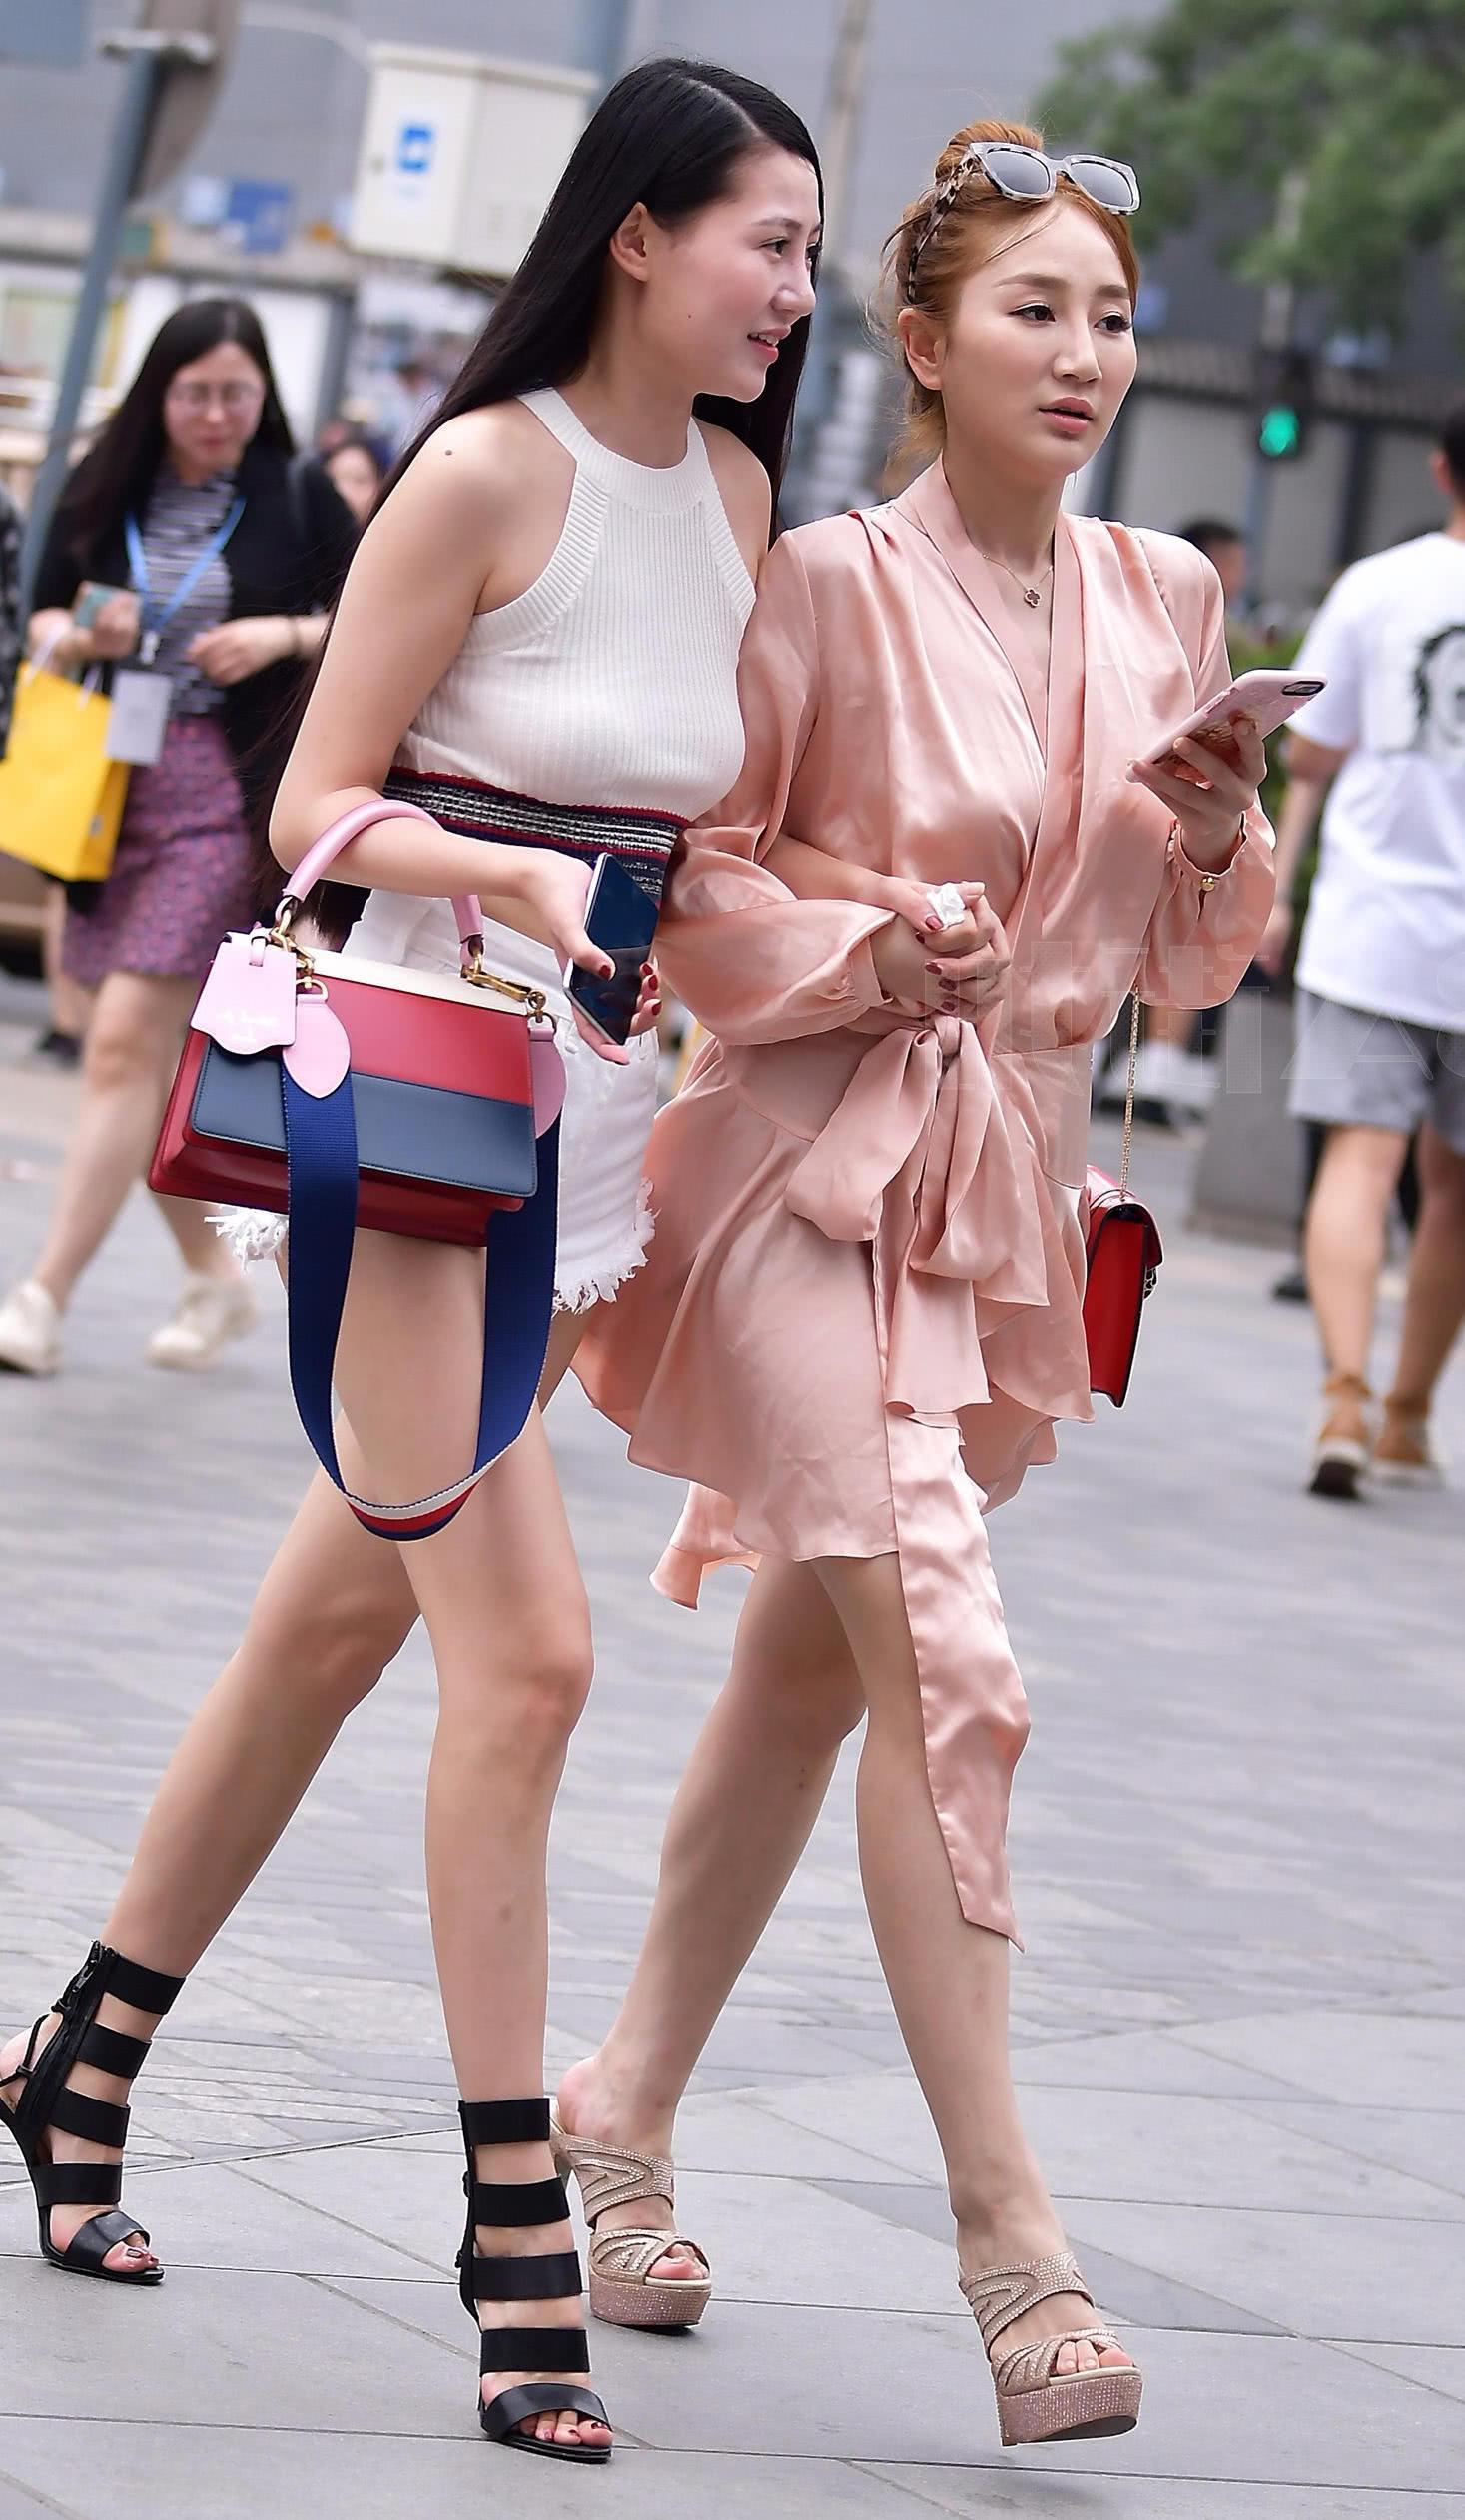 街拍美女�z(�y��9n�_街拍美女:两个漂亮的小姐姐一起出街,一个像裹着睡衣